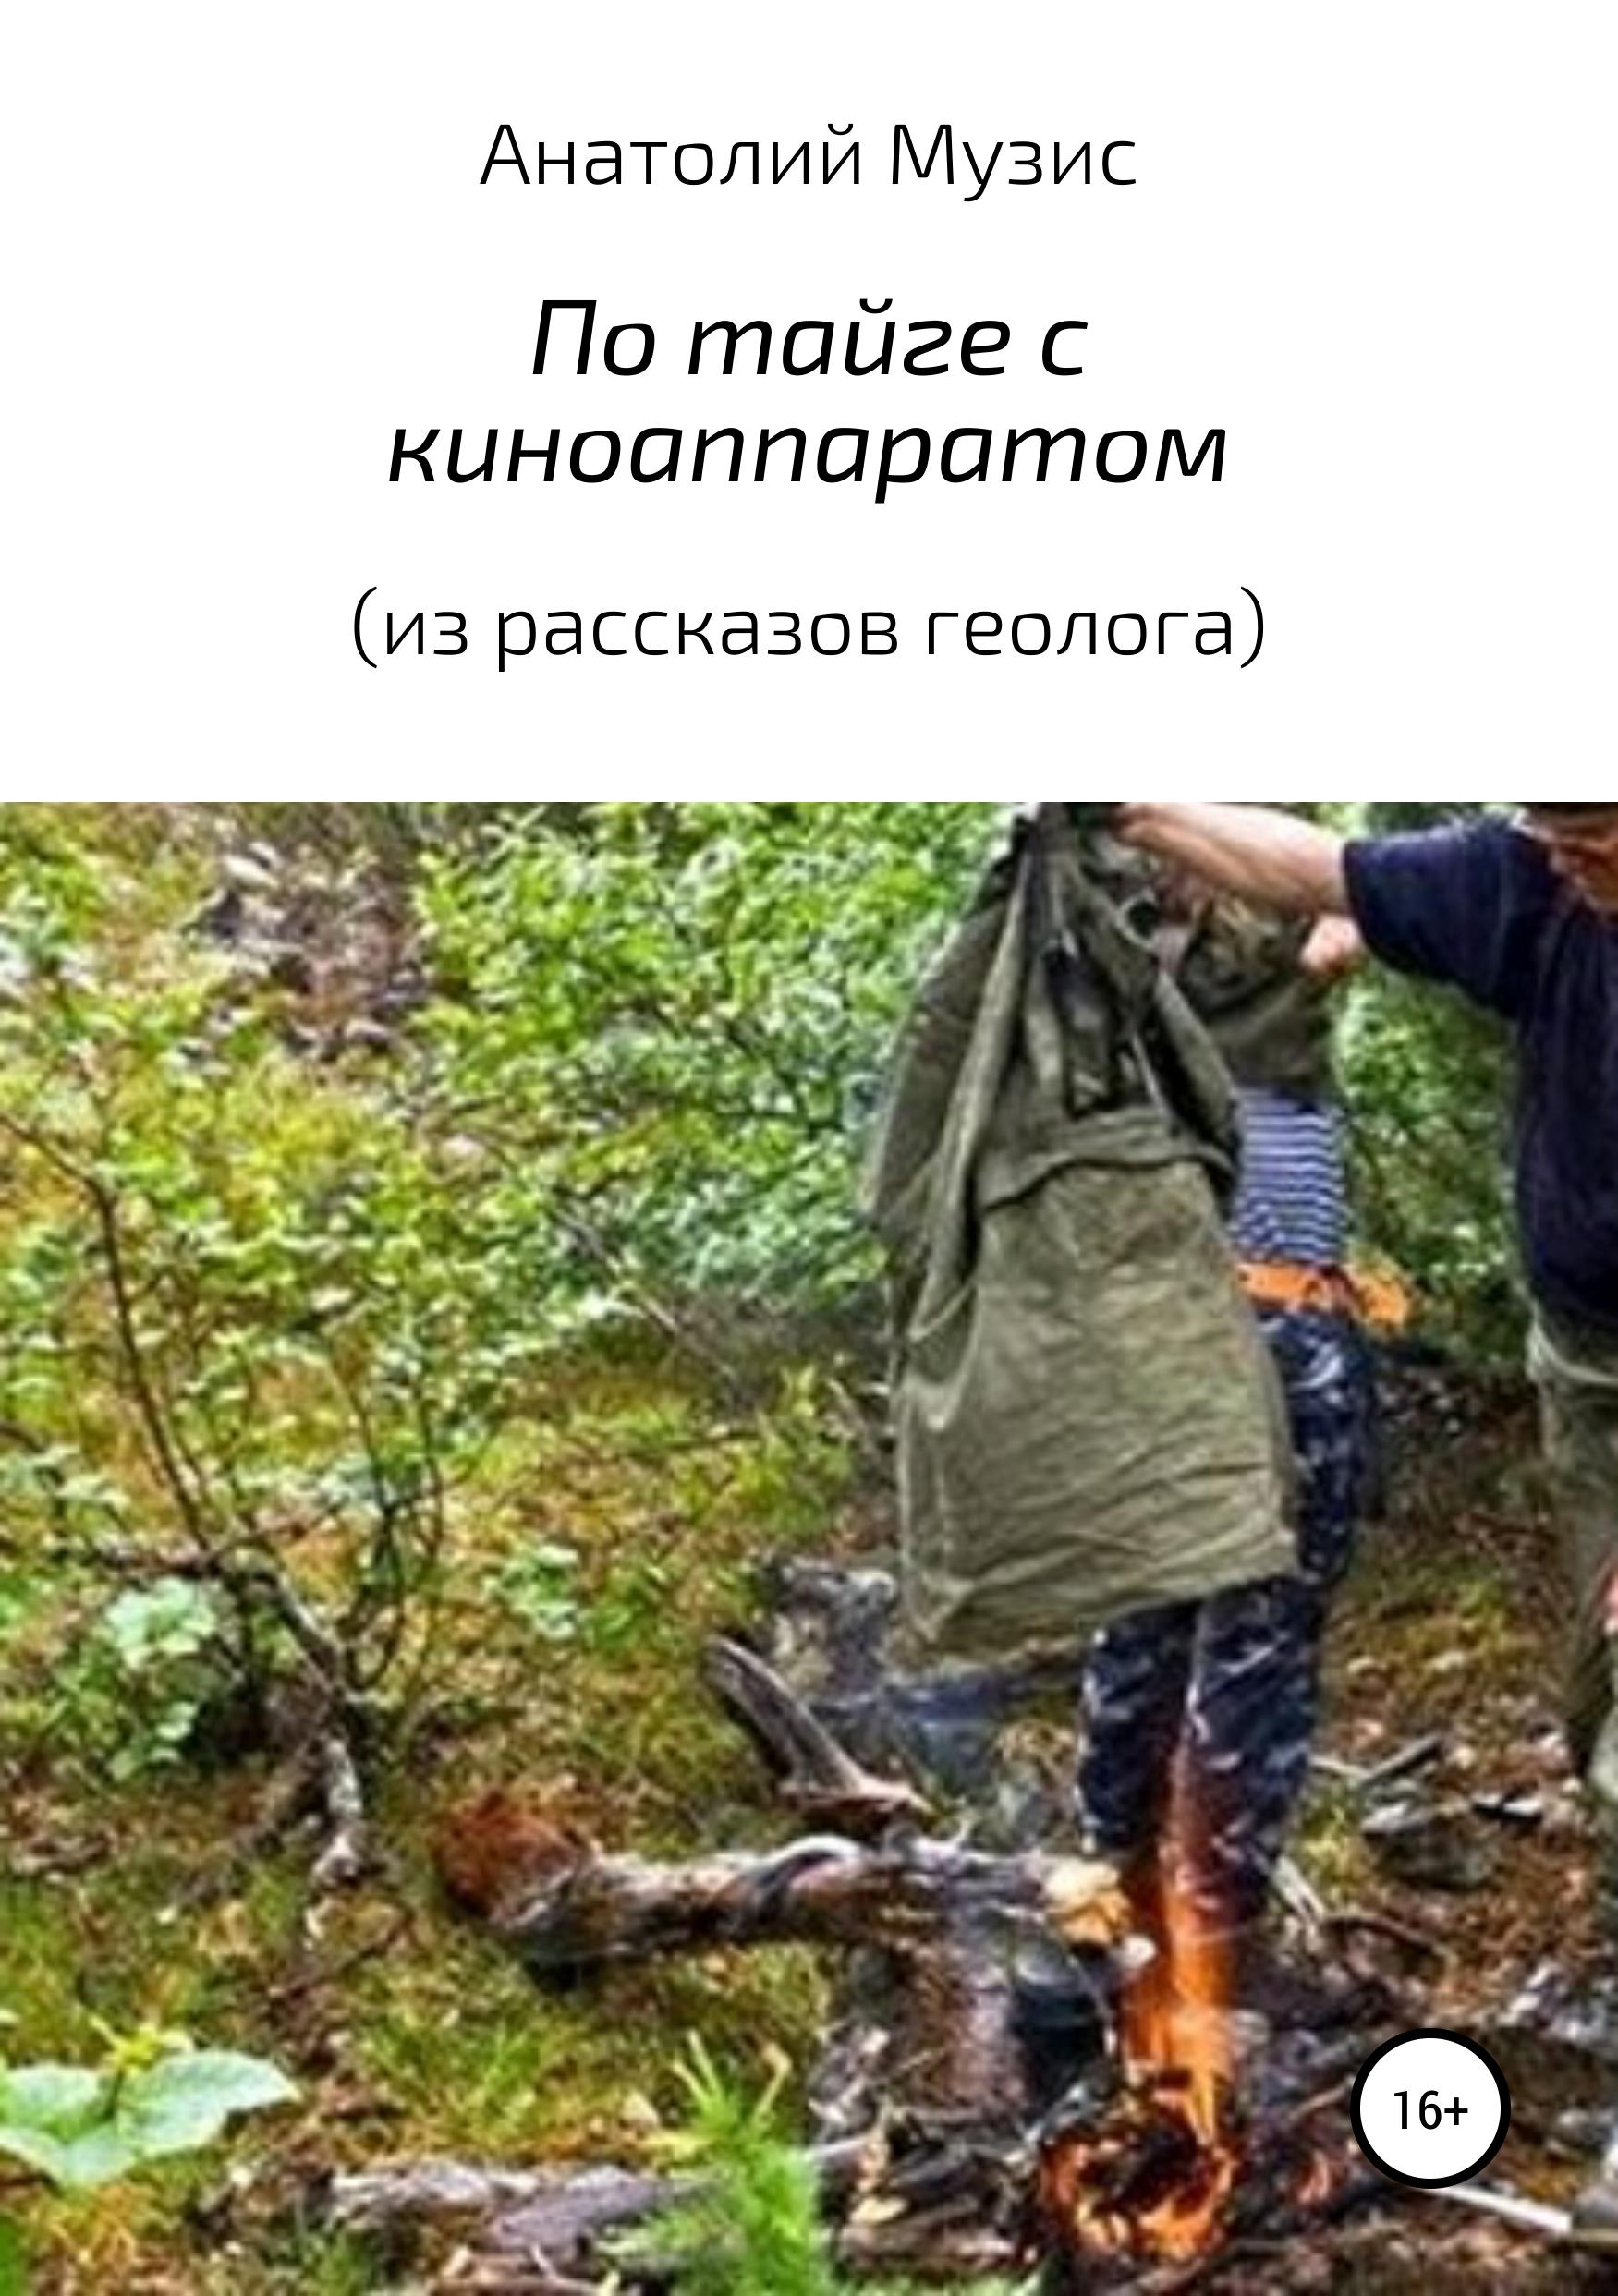 Анатолий Музис По тайге с киноаппаратом (из рассказов геолога) рация